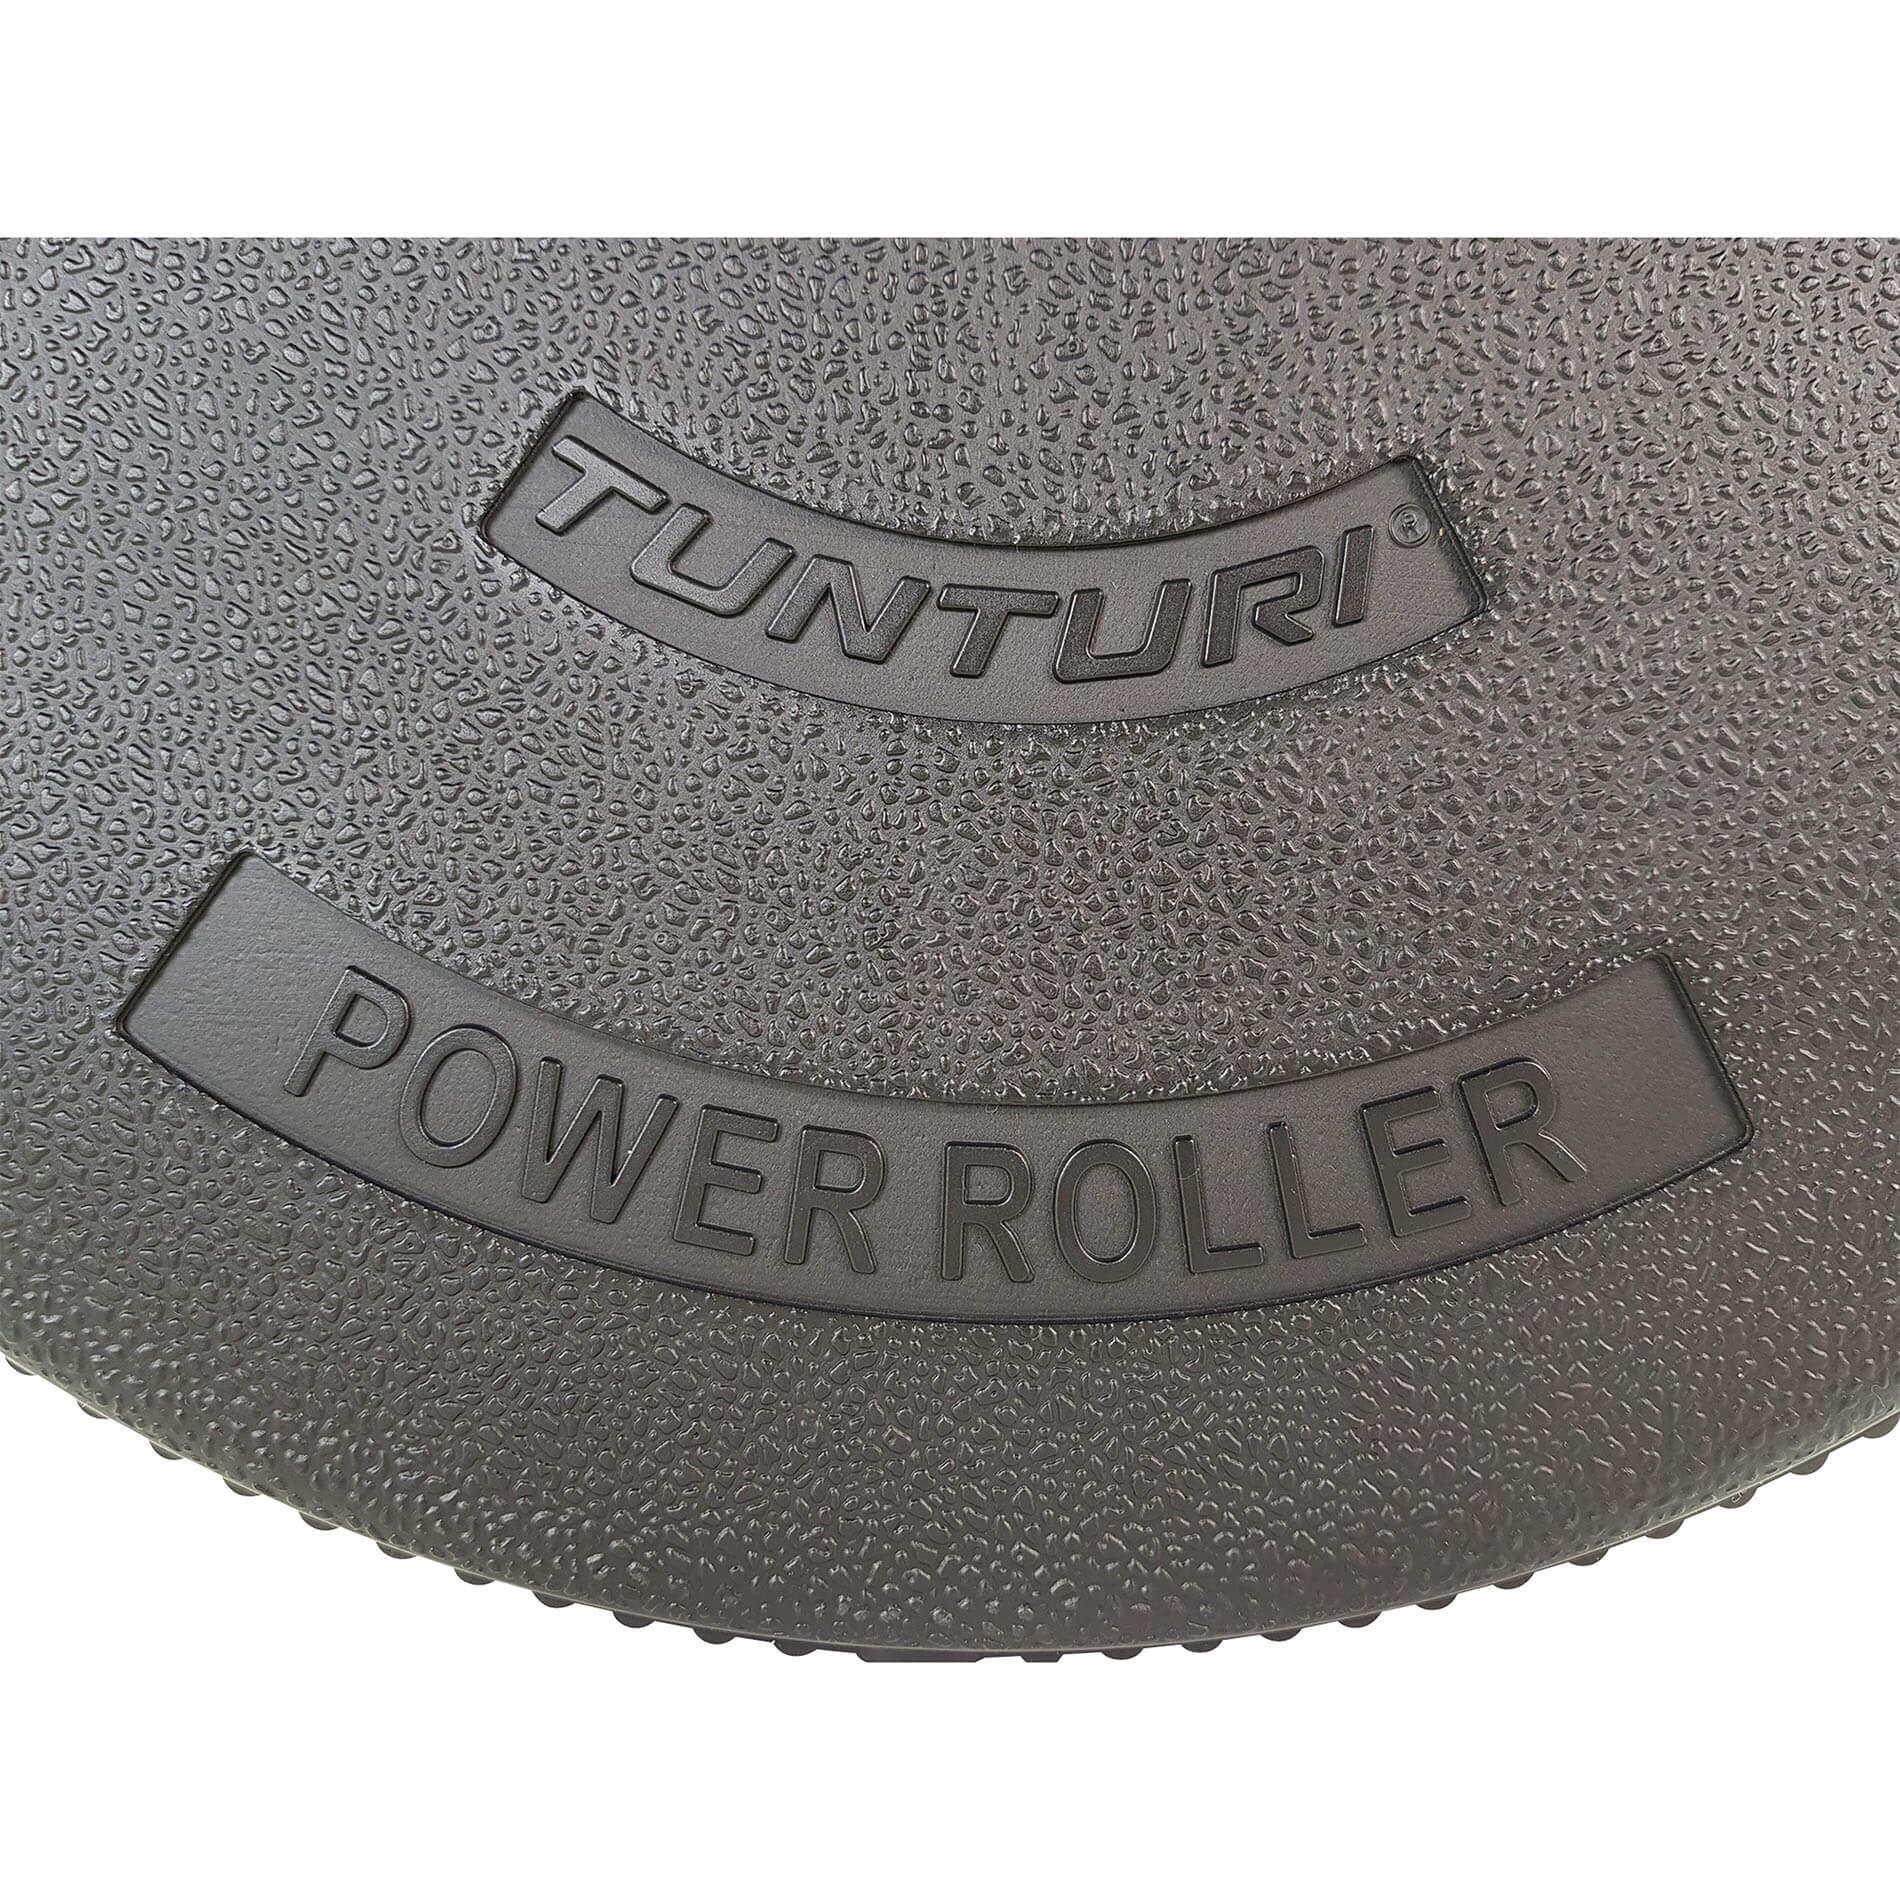 Power Roller